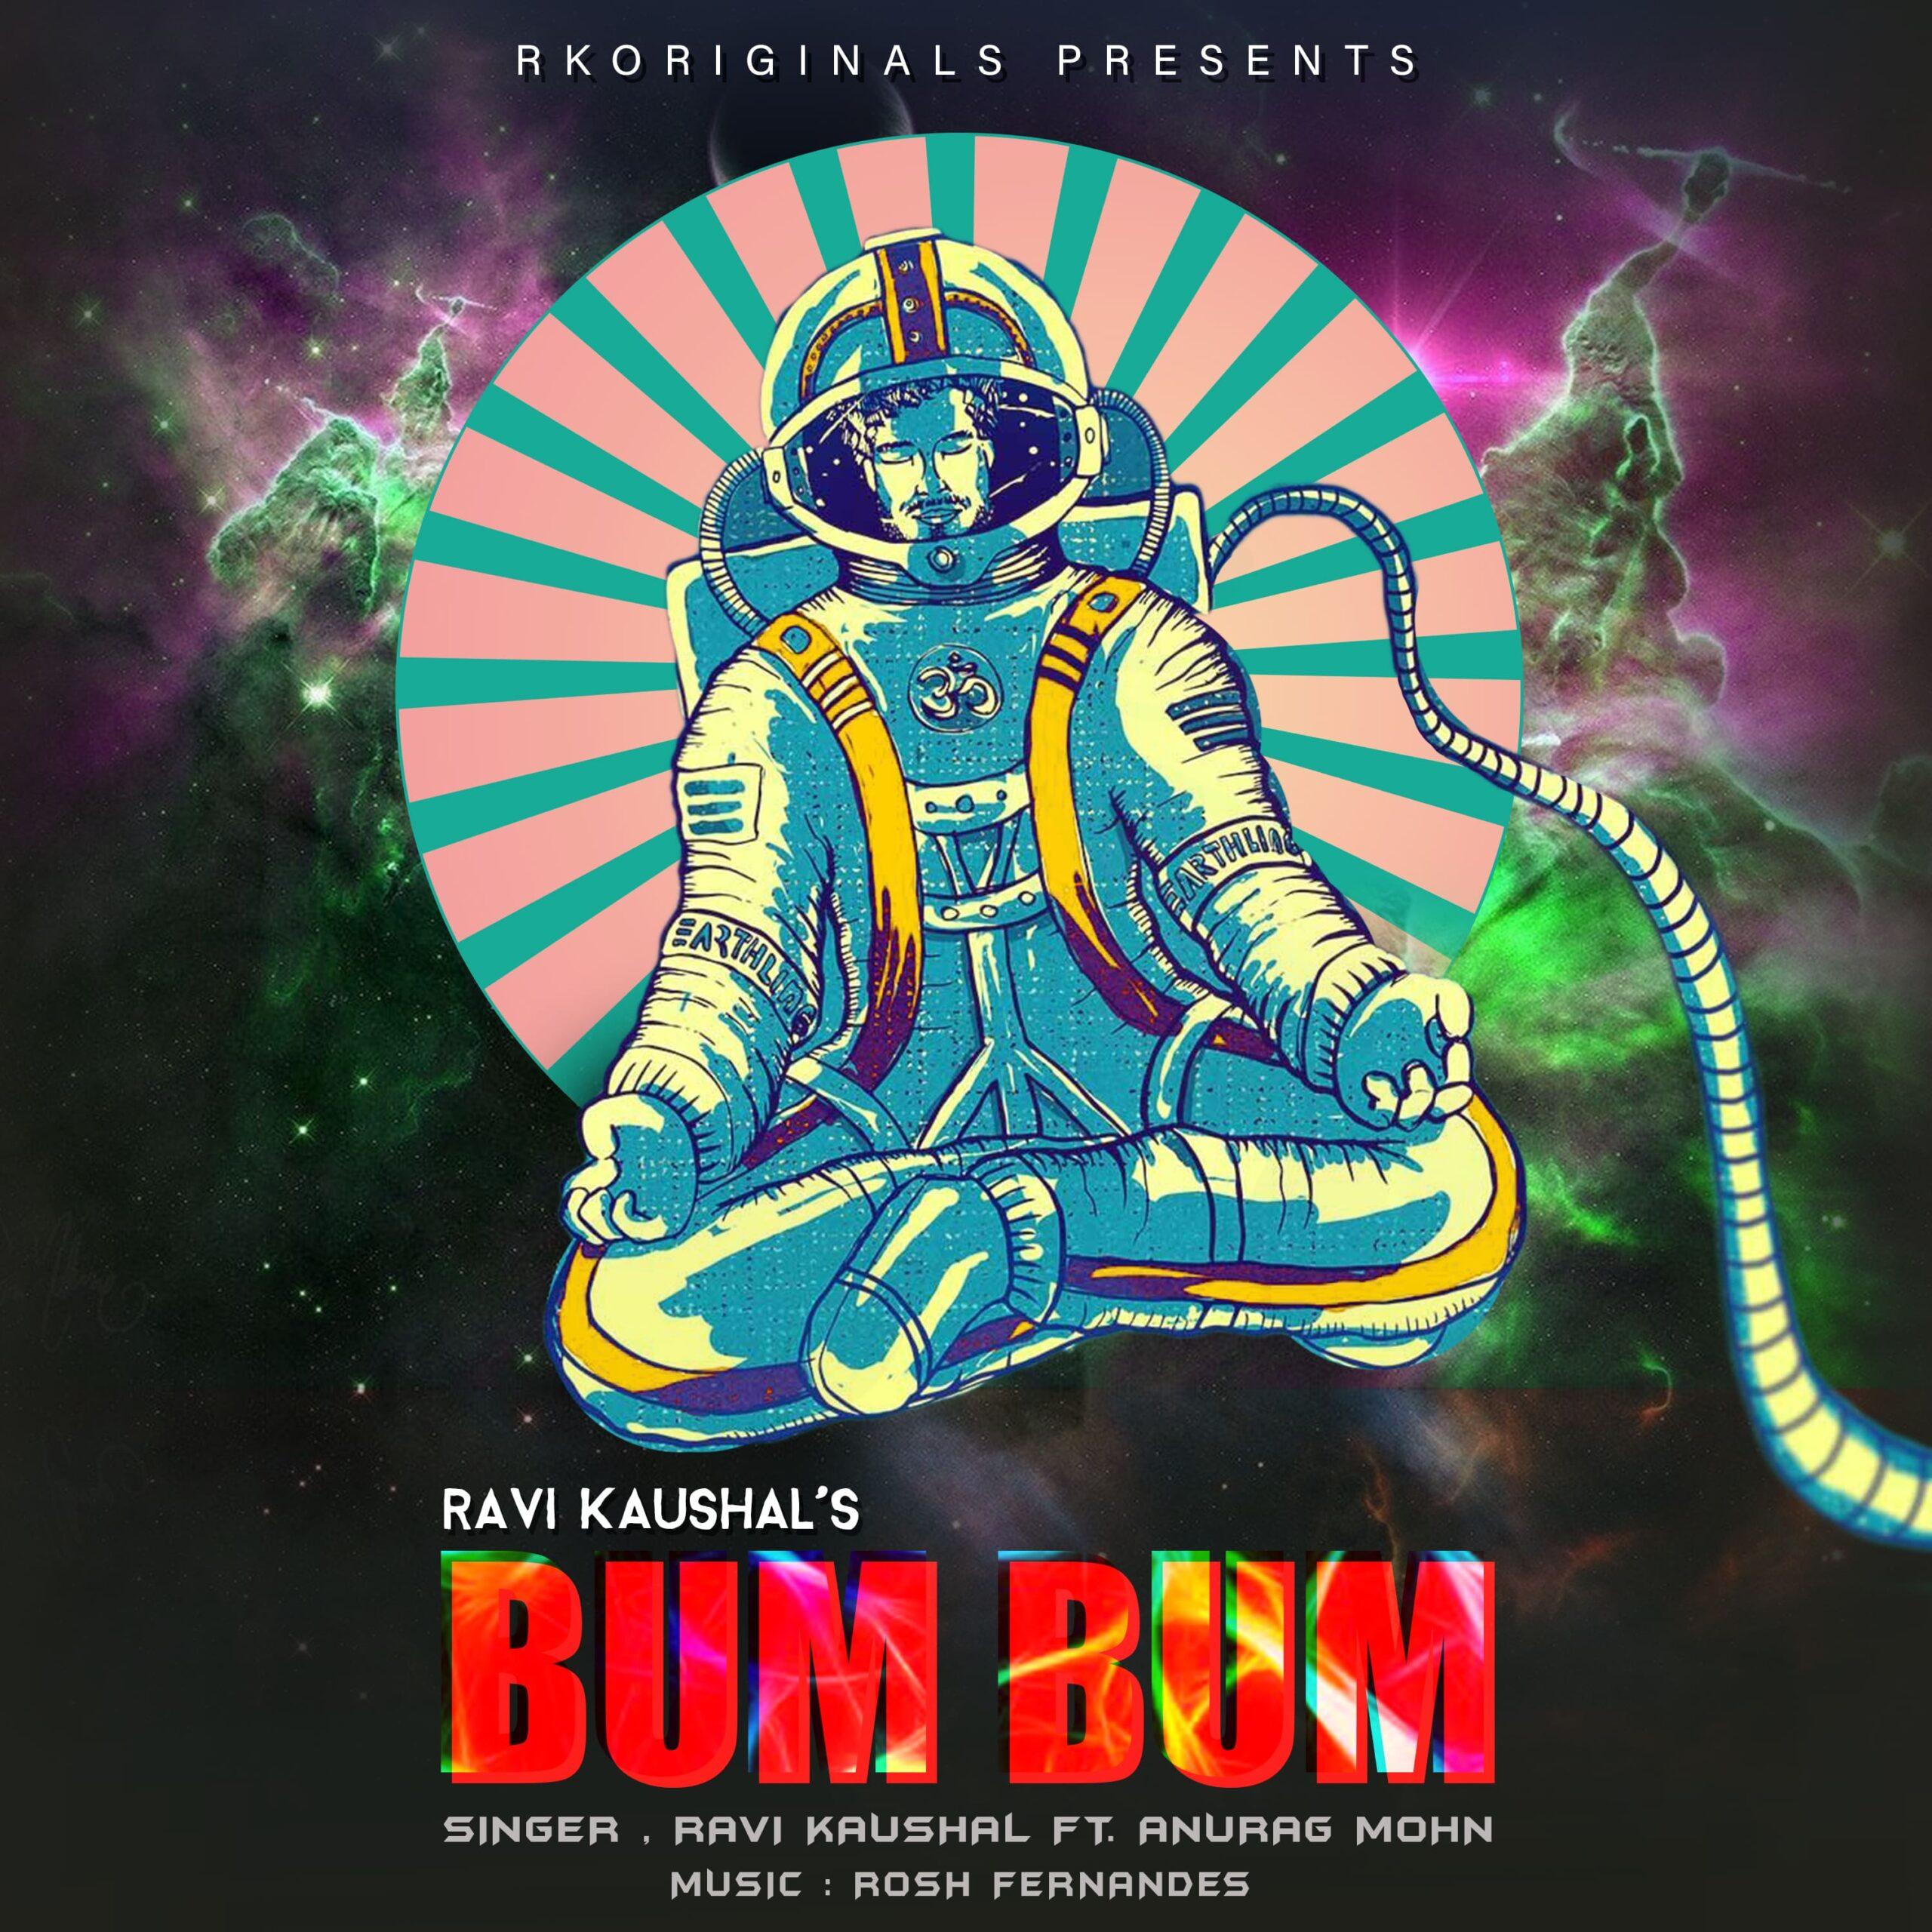 BUM BUM (PSY TRANCE ) - Ravi Kaushal